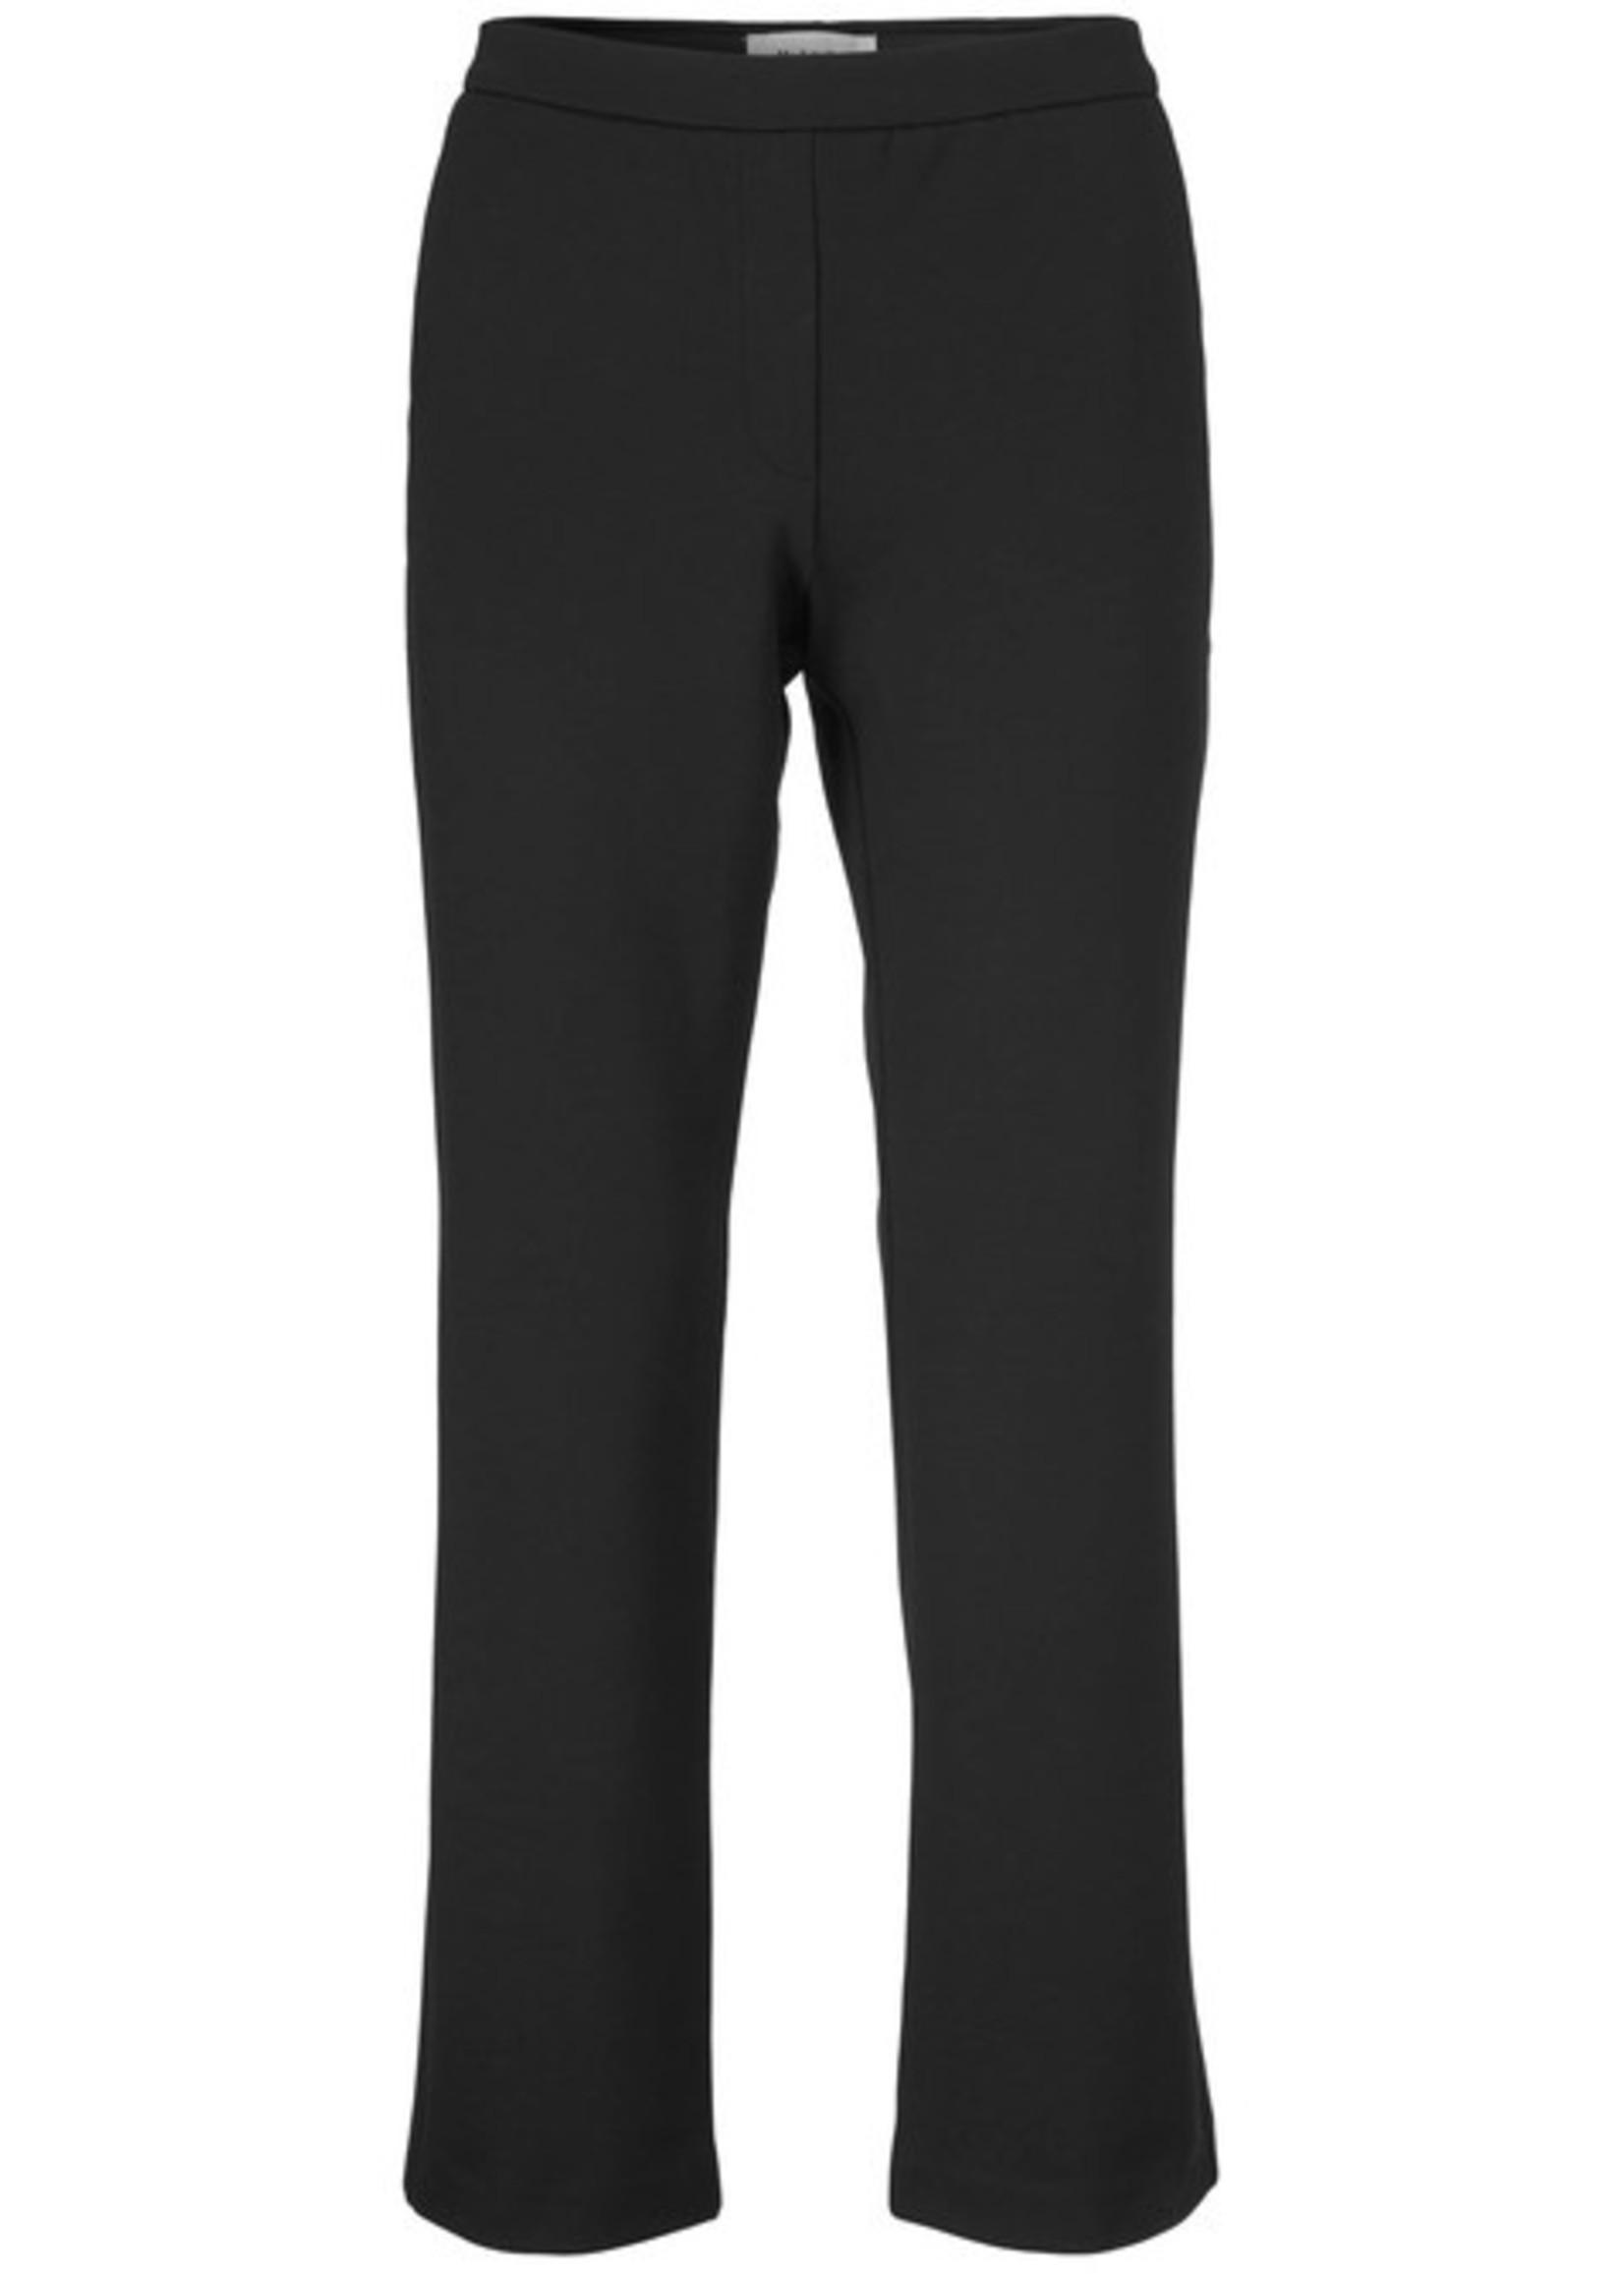 Modström Tanny Cropped Pants